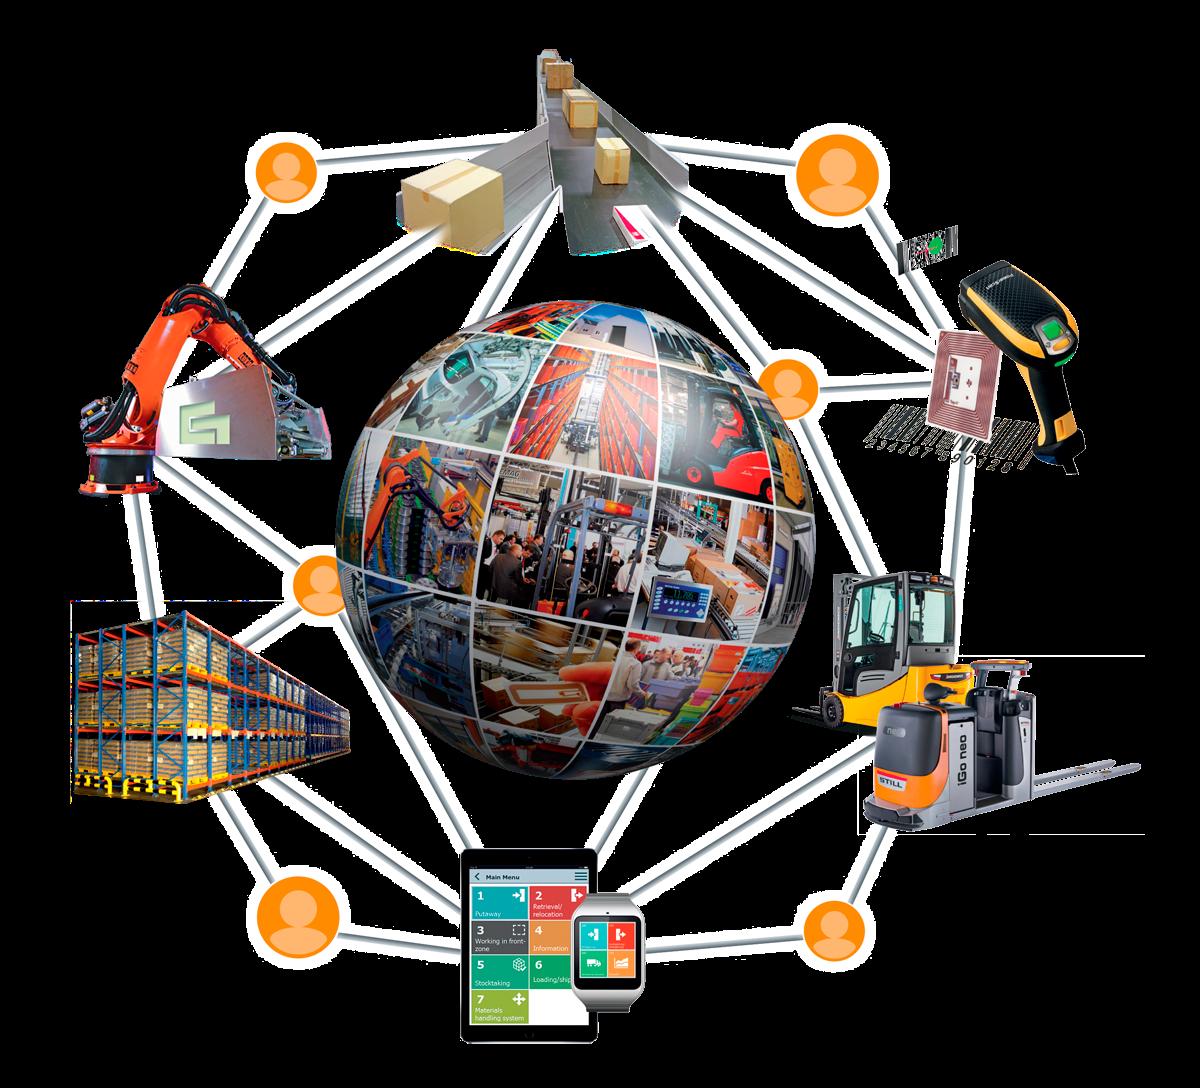 """Unter dem Motto """"Wandel gestalten: Digital – Vernetzt – Innovativ"""" steht die LogiMAT 2017. Die internationale Fachmesse für Distribution, Material- und Informationsfluss widmet sich den Zukunftsprojekten Industrie 4.0 und dem Internet der Dinge, also der Digitalisierung und intelligenten Vernetzung von Prozessen."""